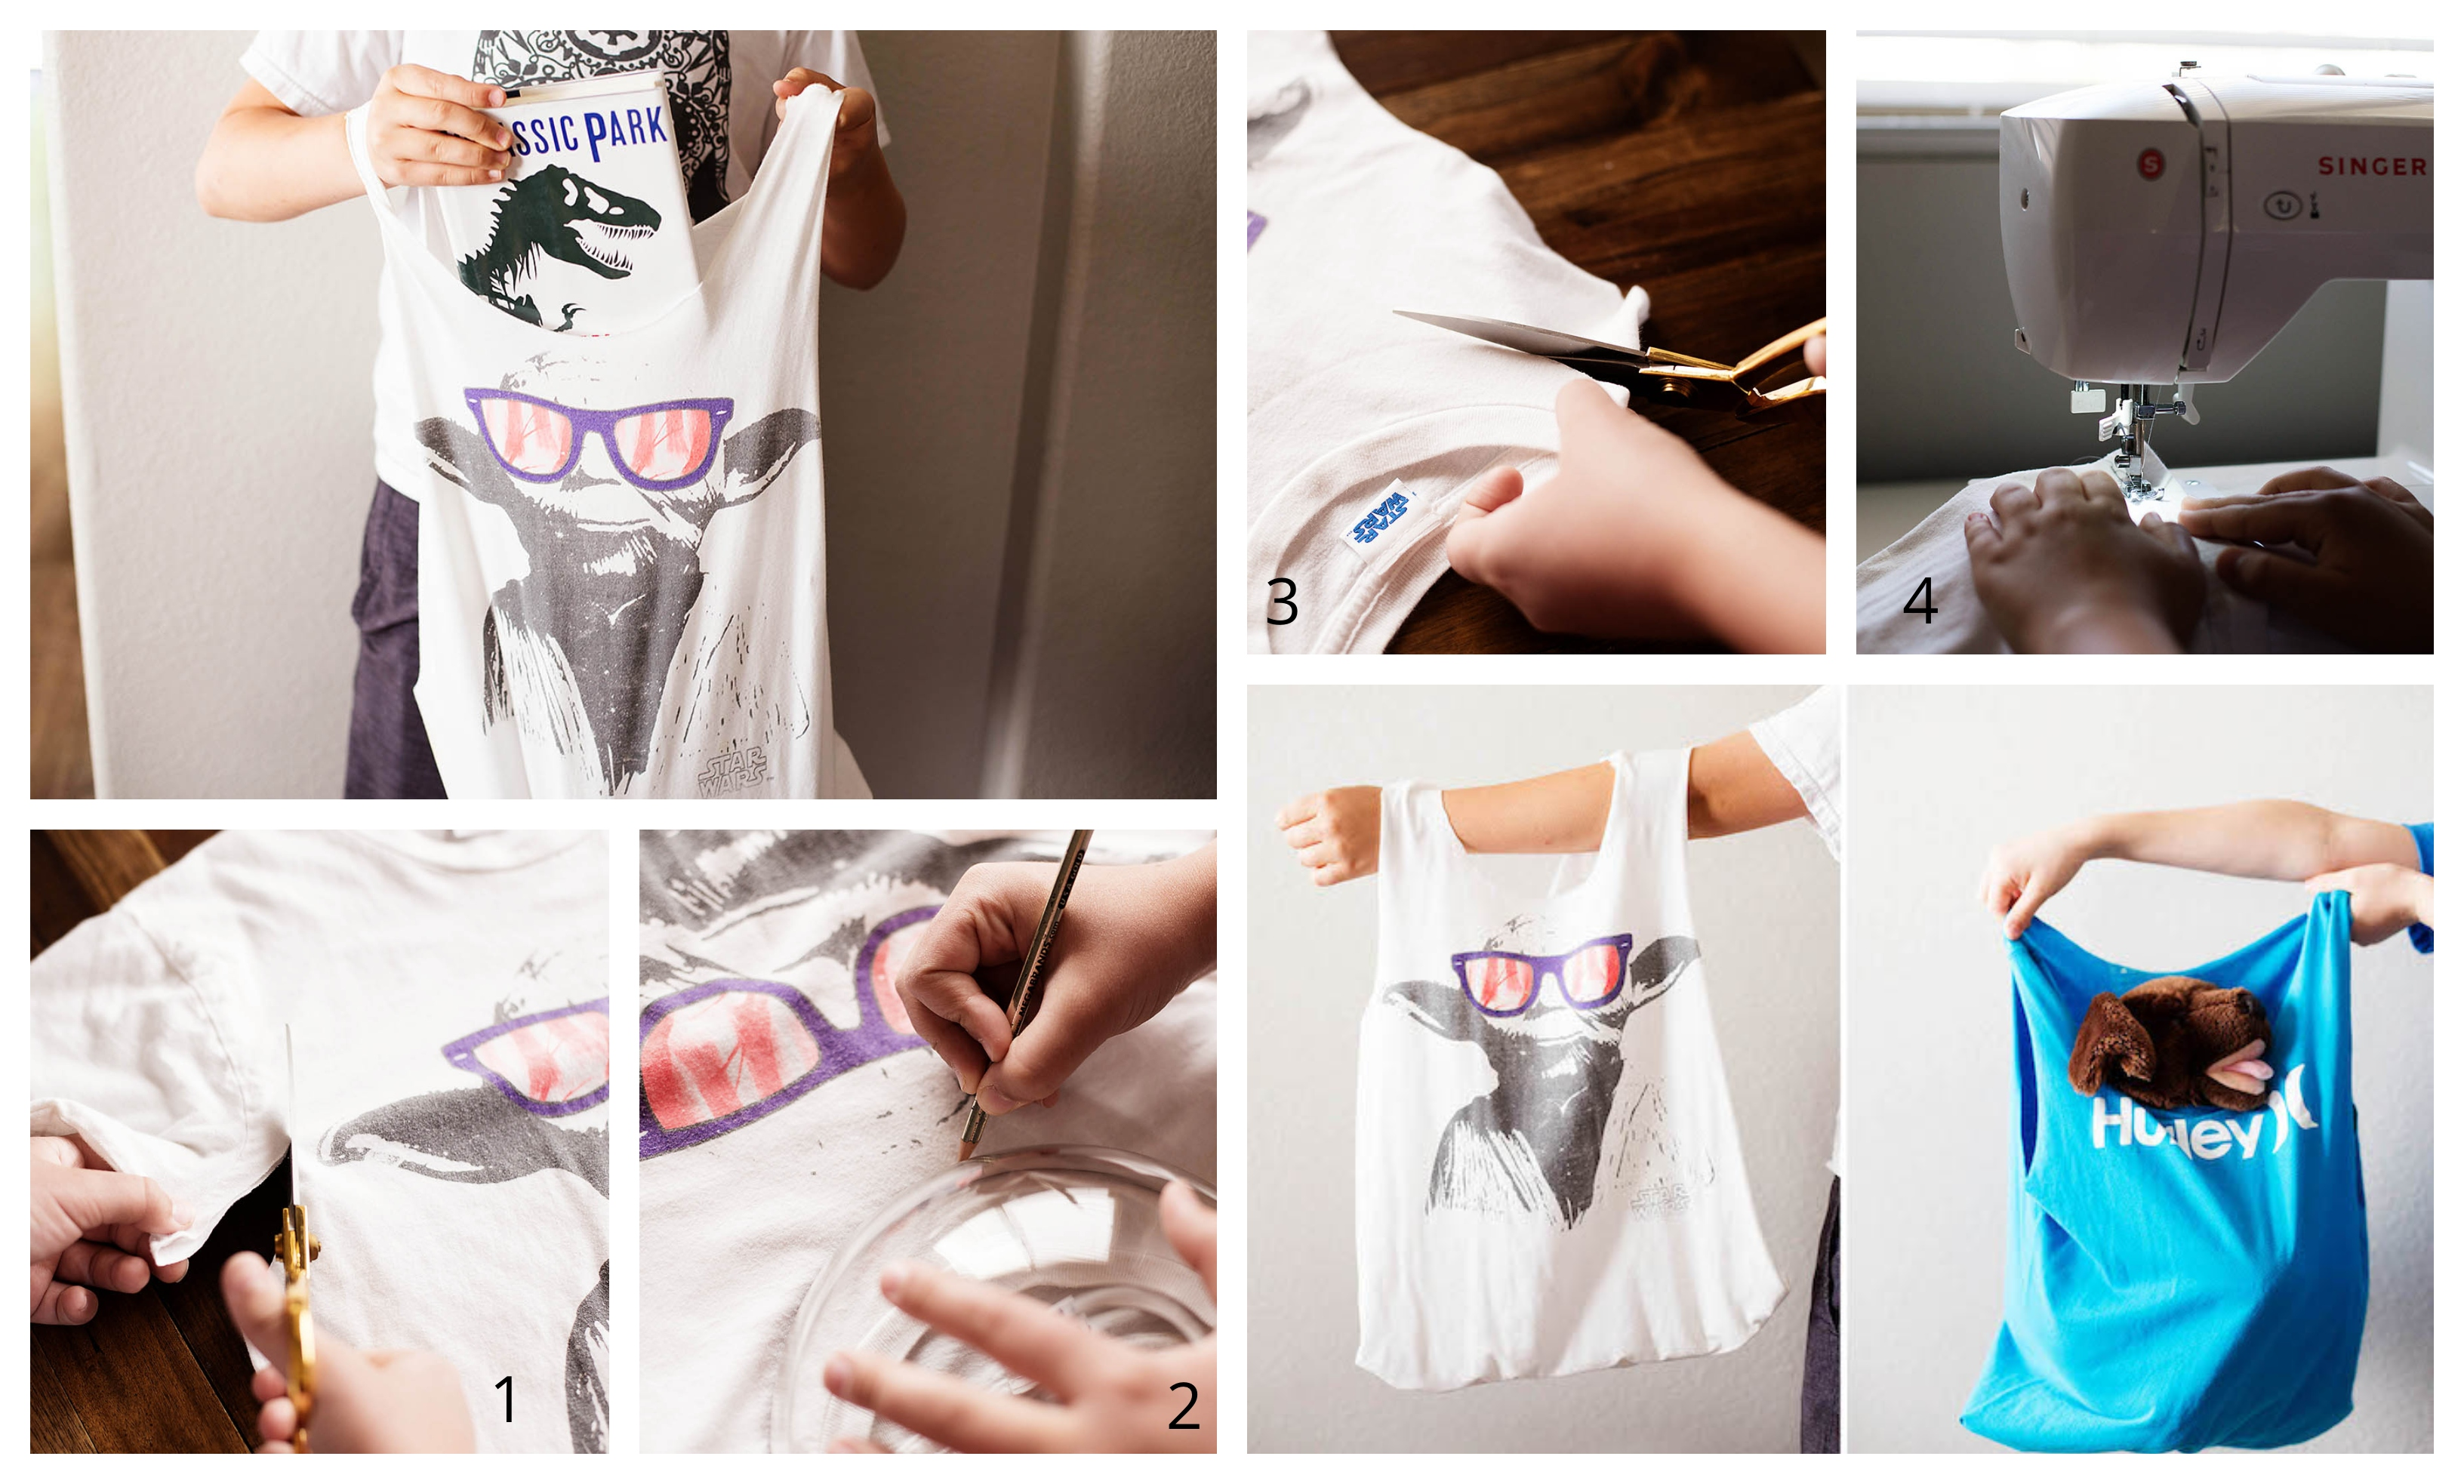 Faire un sac de t-shirt sans coudre, tuto couture de sac à main en tissu, idée tuto sac cabas t-shirt transformation